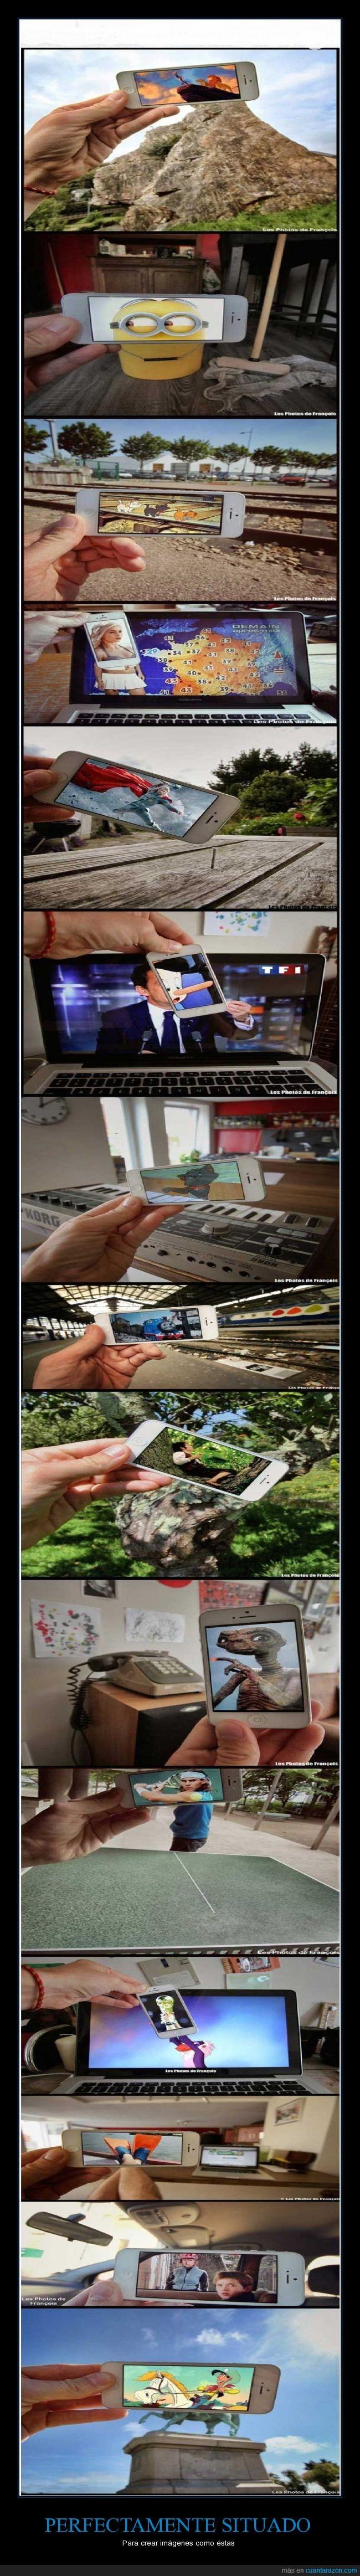 efectos,encima,lugares,móvil,pantalla,situar,smarthphone,teléfono